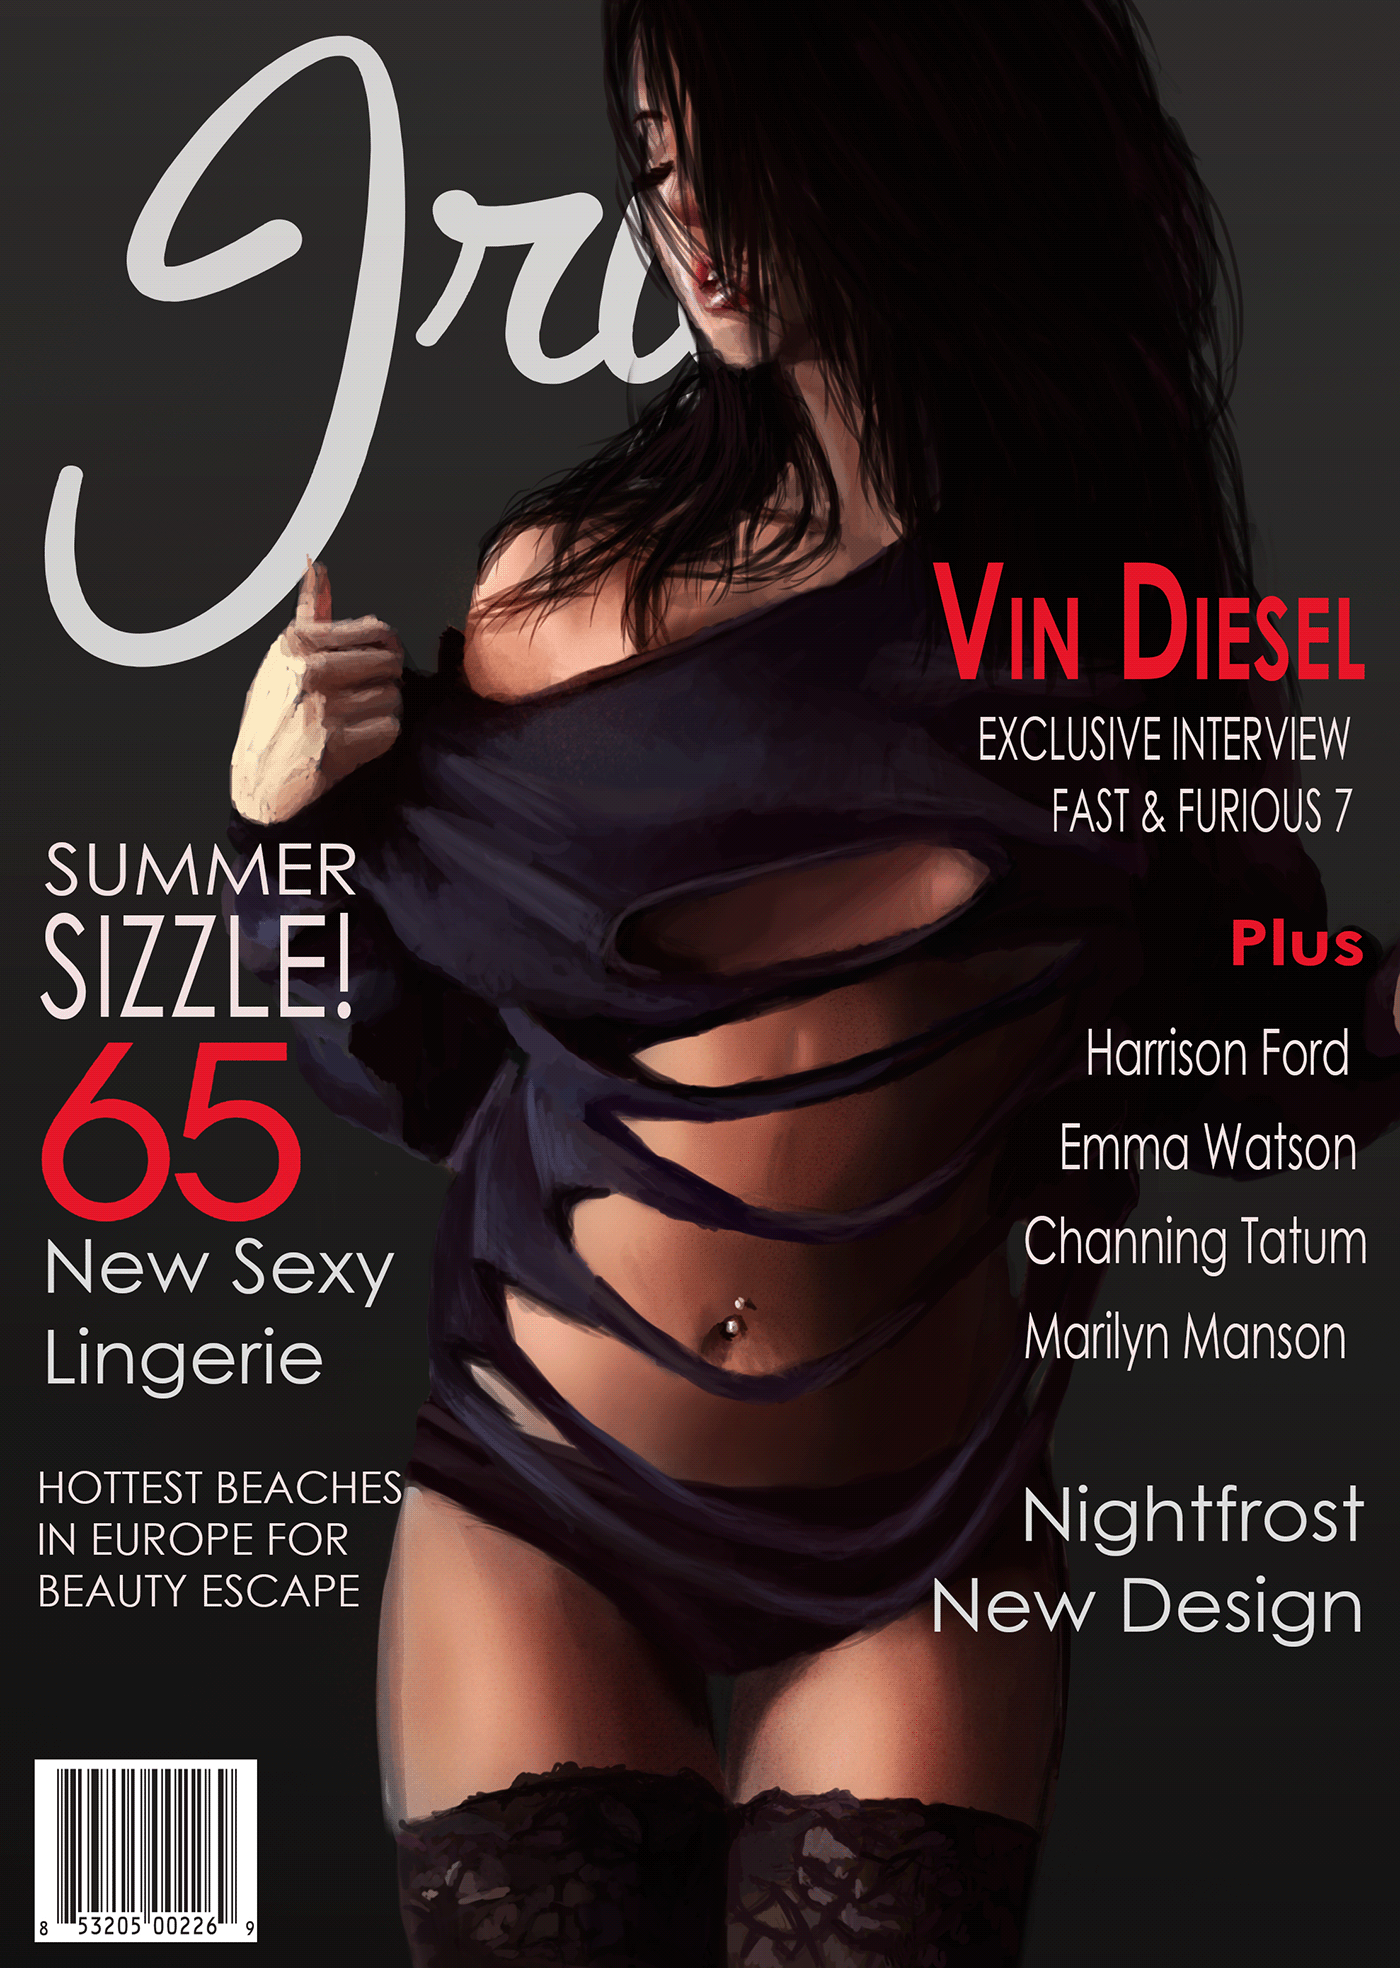 細緻的22款時尚雜誌封面欣賞